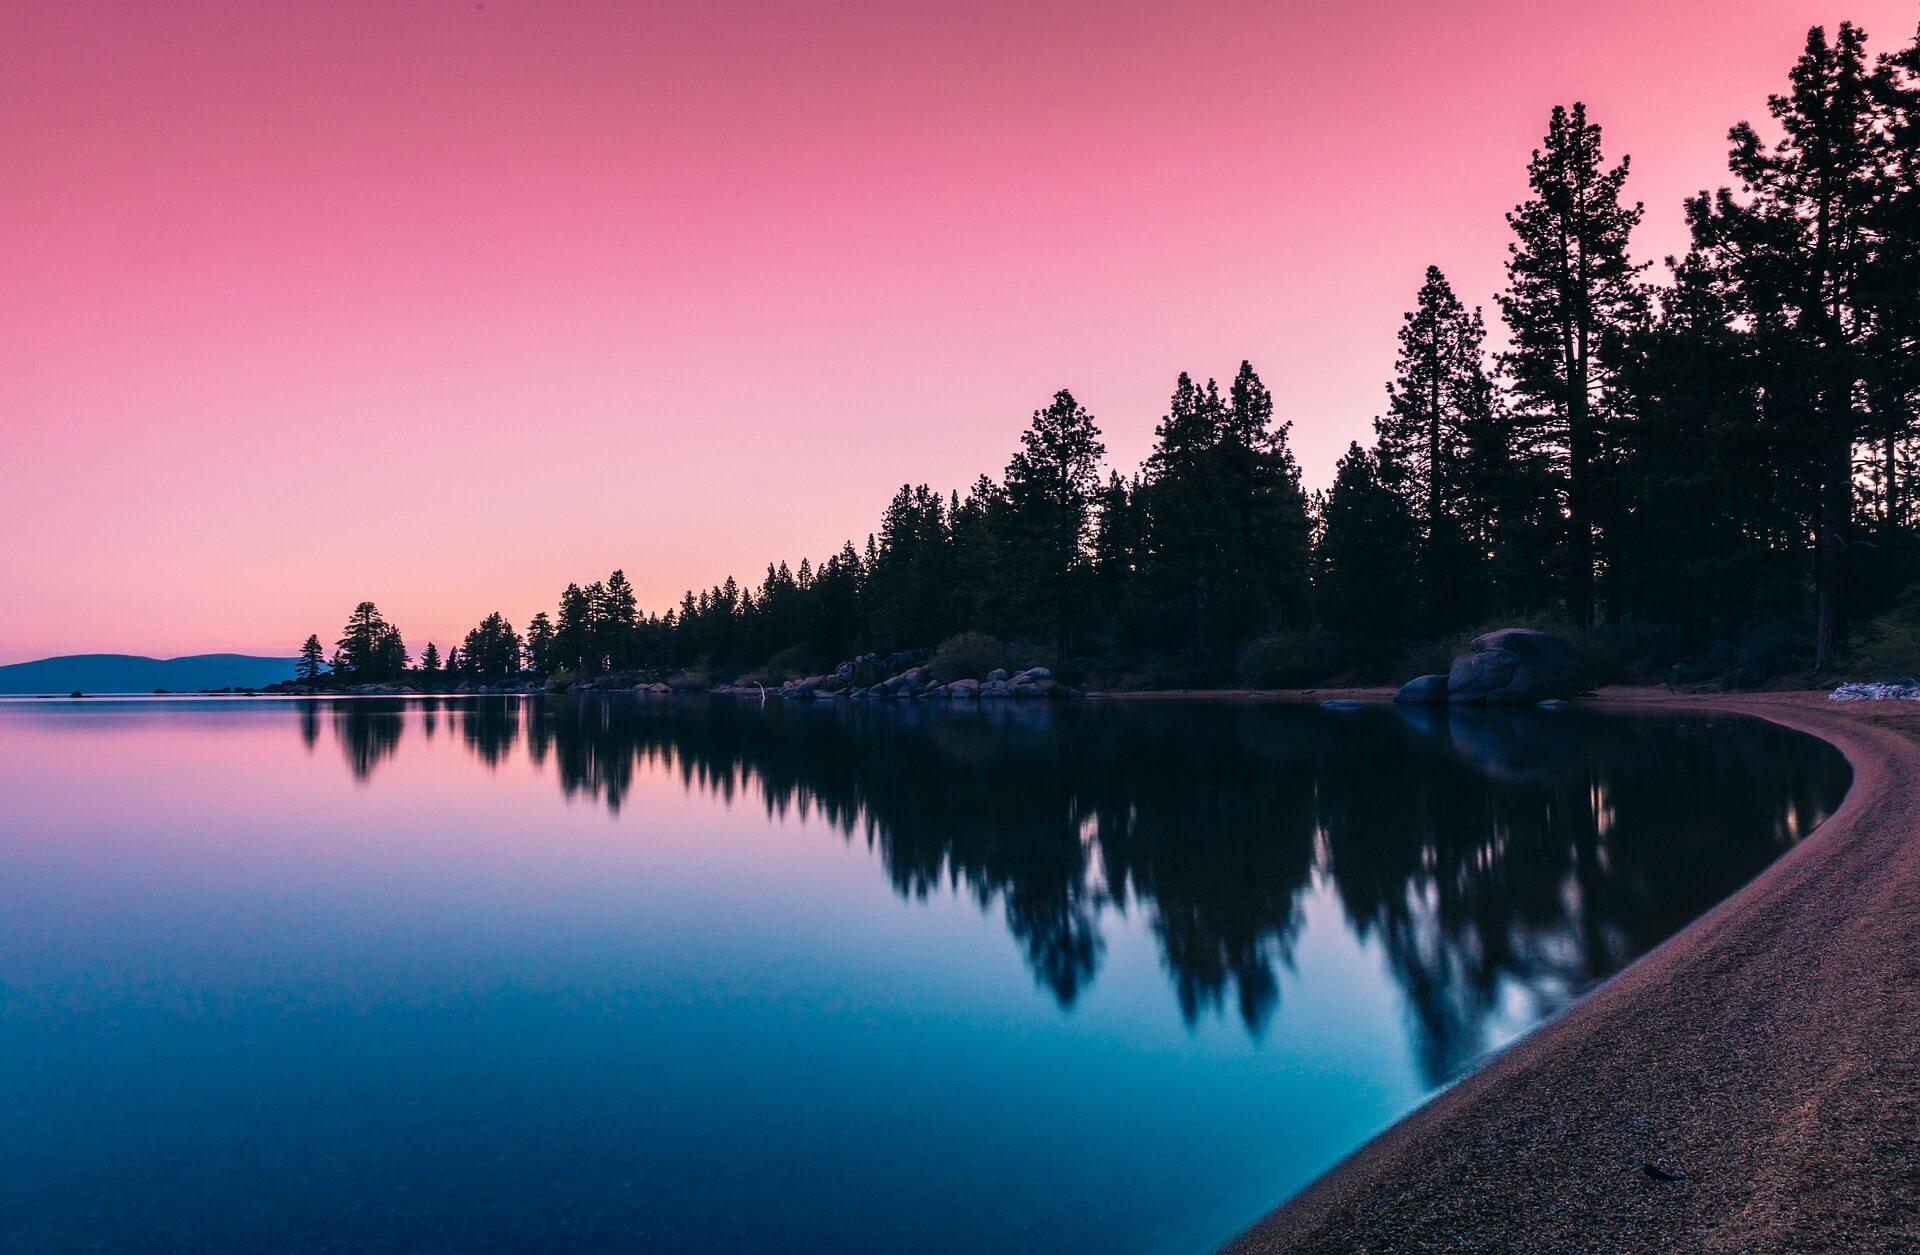 lake-5276413_1920